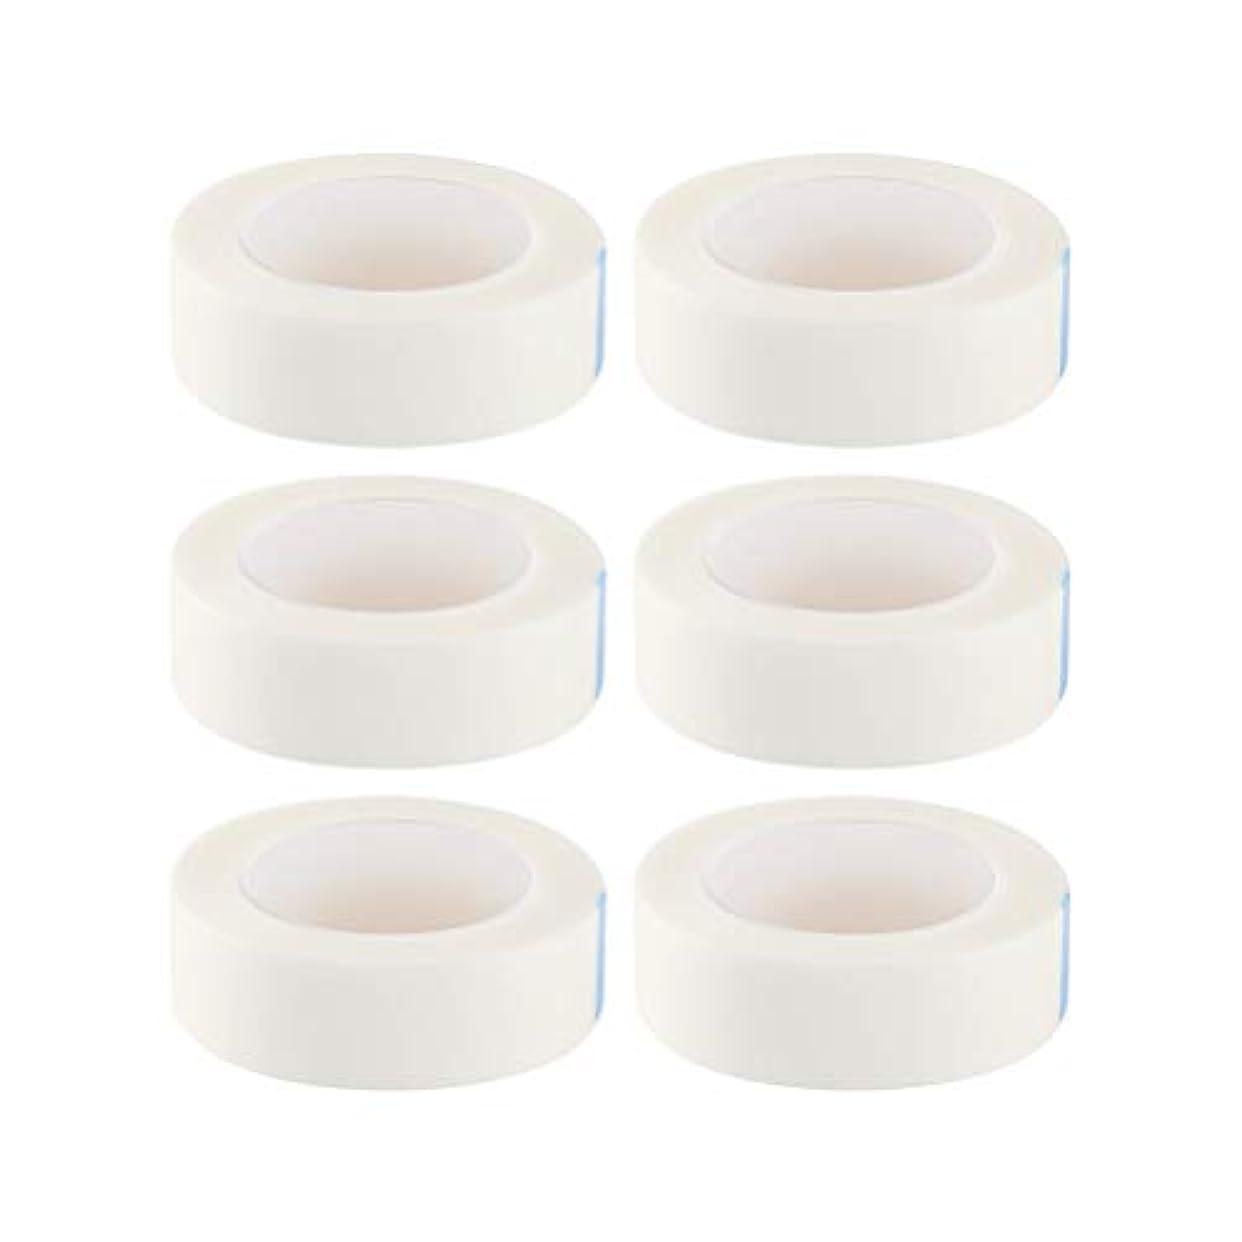 中ブラウス抑制HEALIFTY まつげ絶縁テープまつげエクステサロン用ロール12個入り(白)